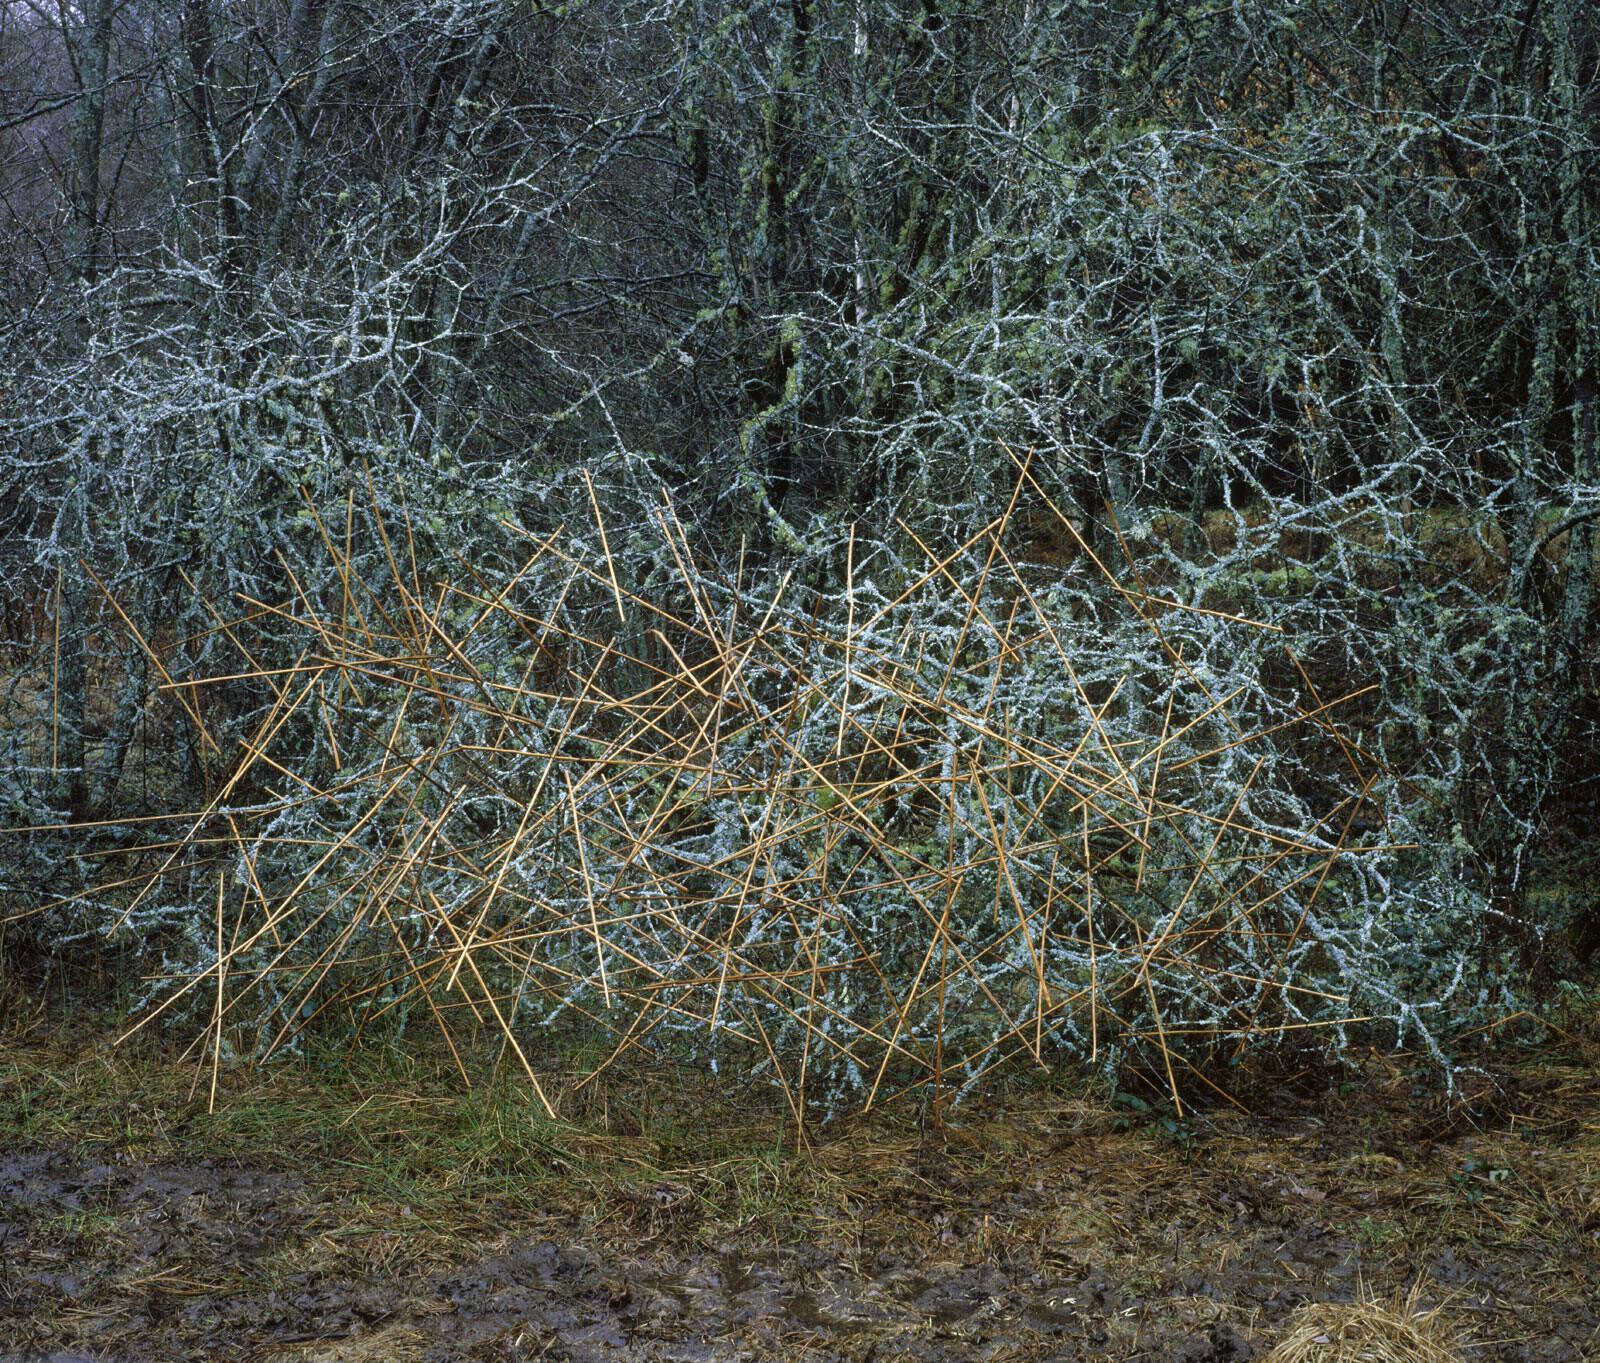 Farnstiele auf Zweige gesteckt - Nils-udo